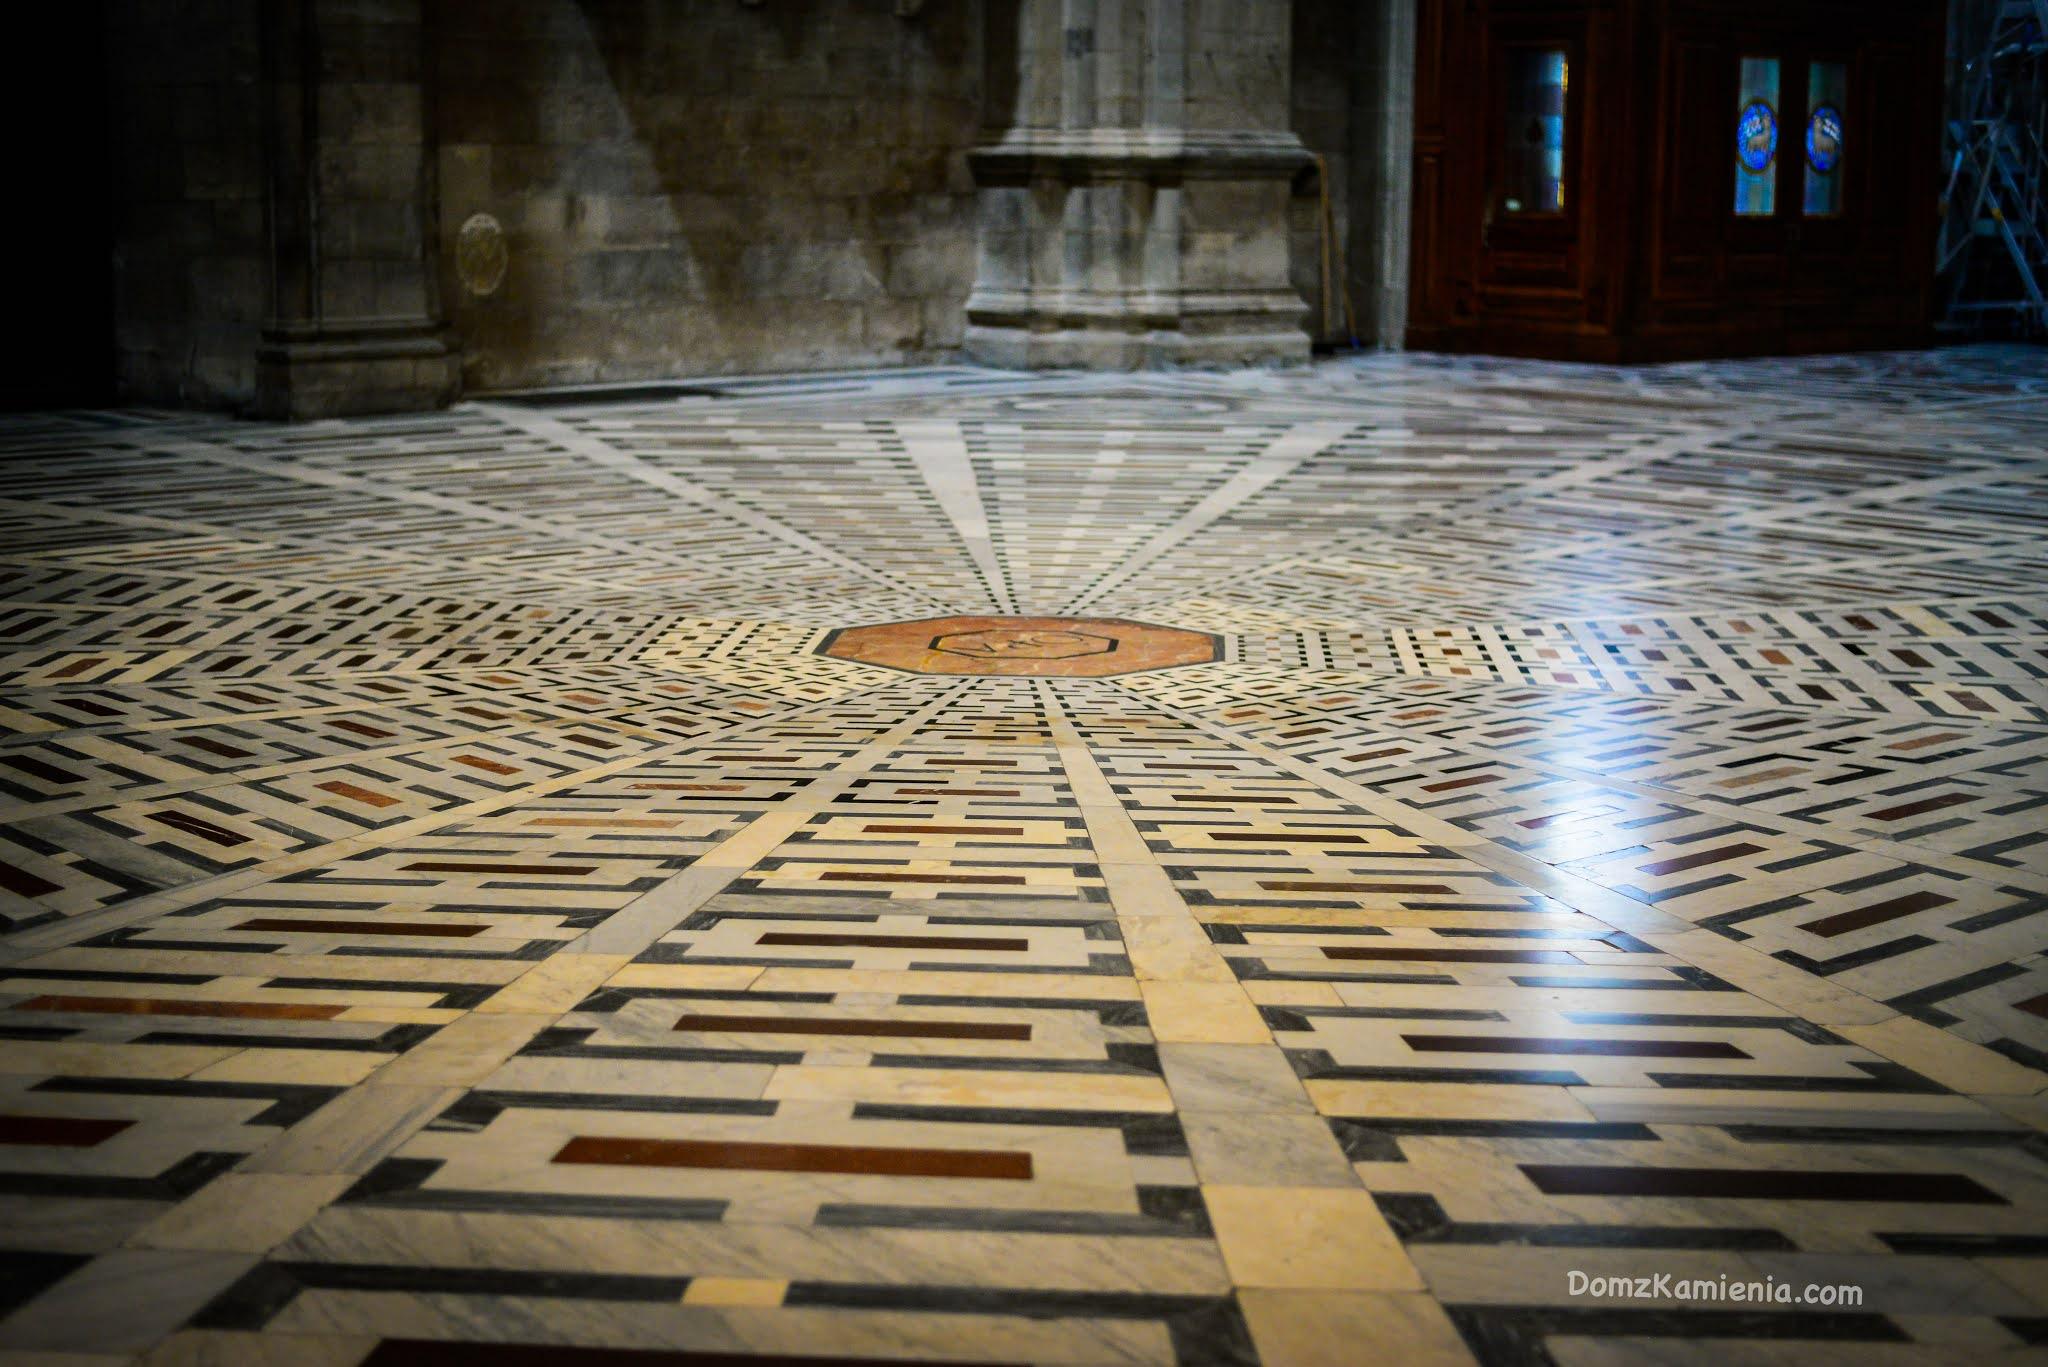 Florencja, Duomo, Dom z Kamienia